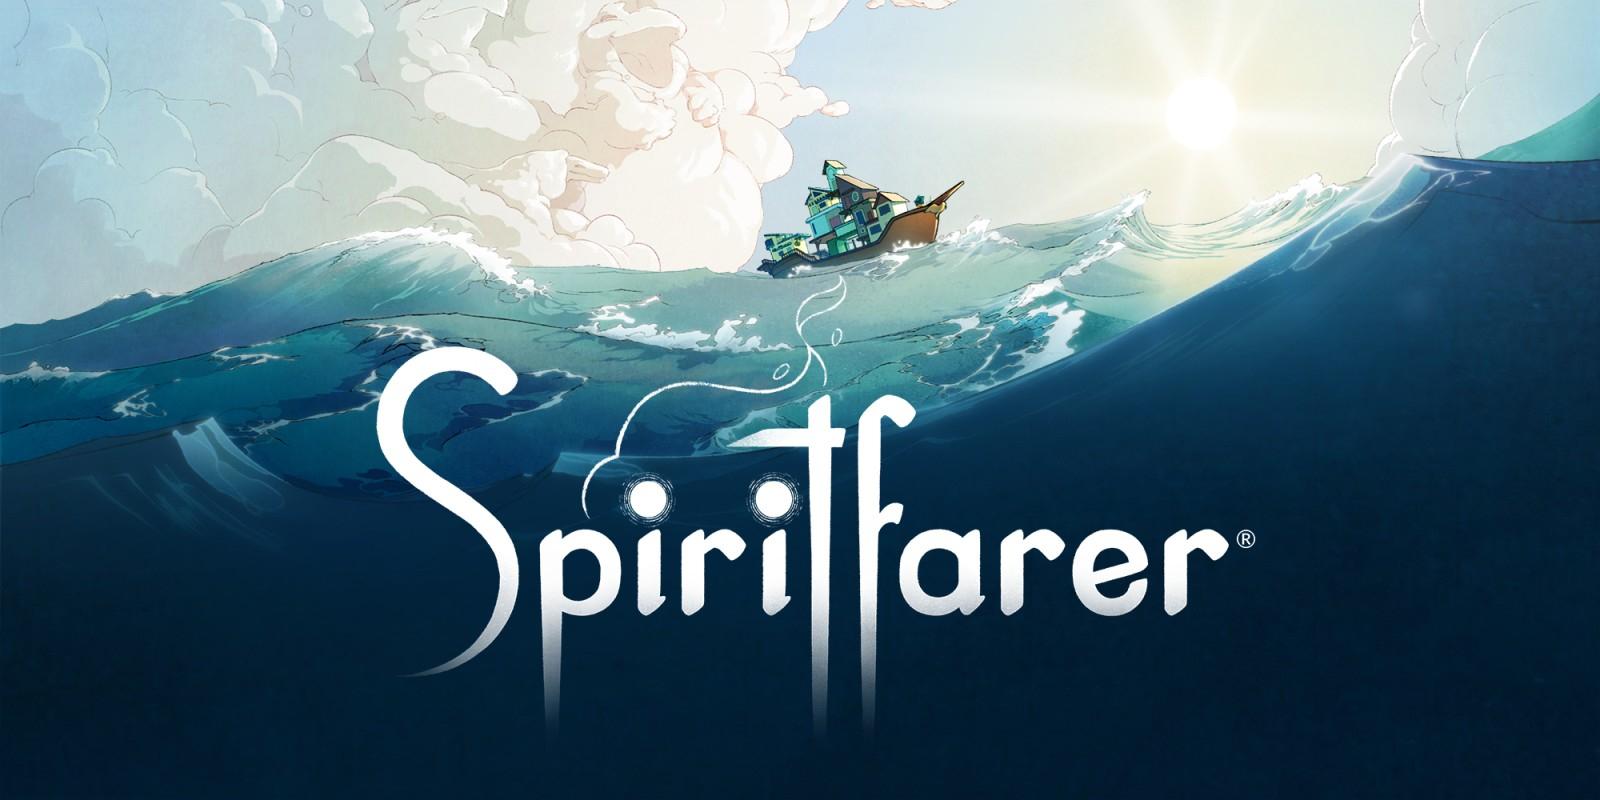 Spiritfarer - Nintendo Switch eshop